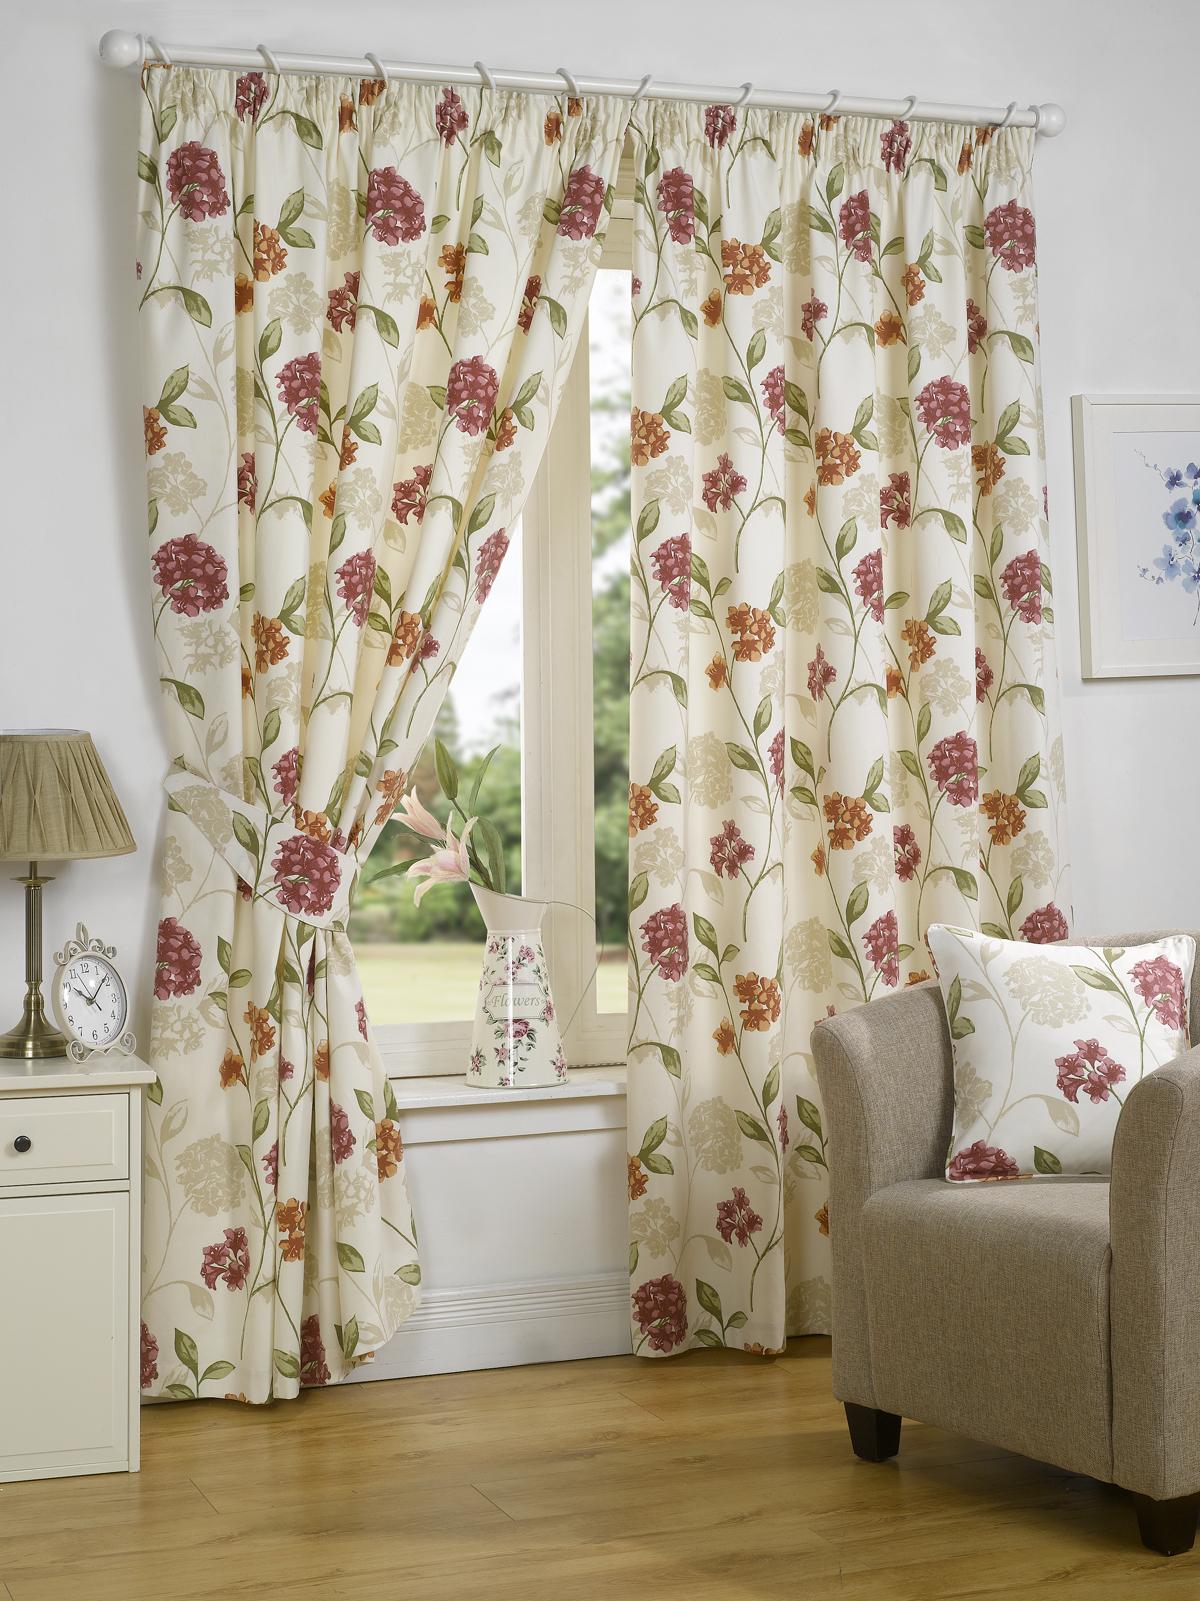 rideaux enti rment doubl s fleurs design accessoires disponibles ebay. Black Bedroom Furniture Sets. Home Design Ideas